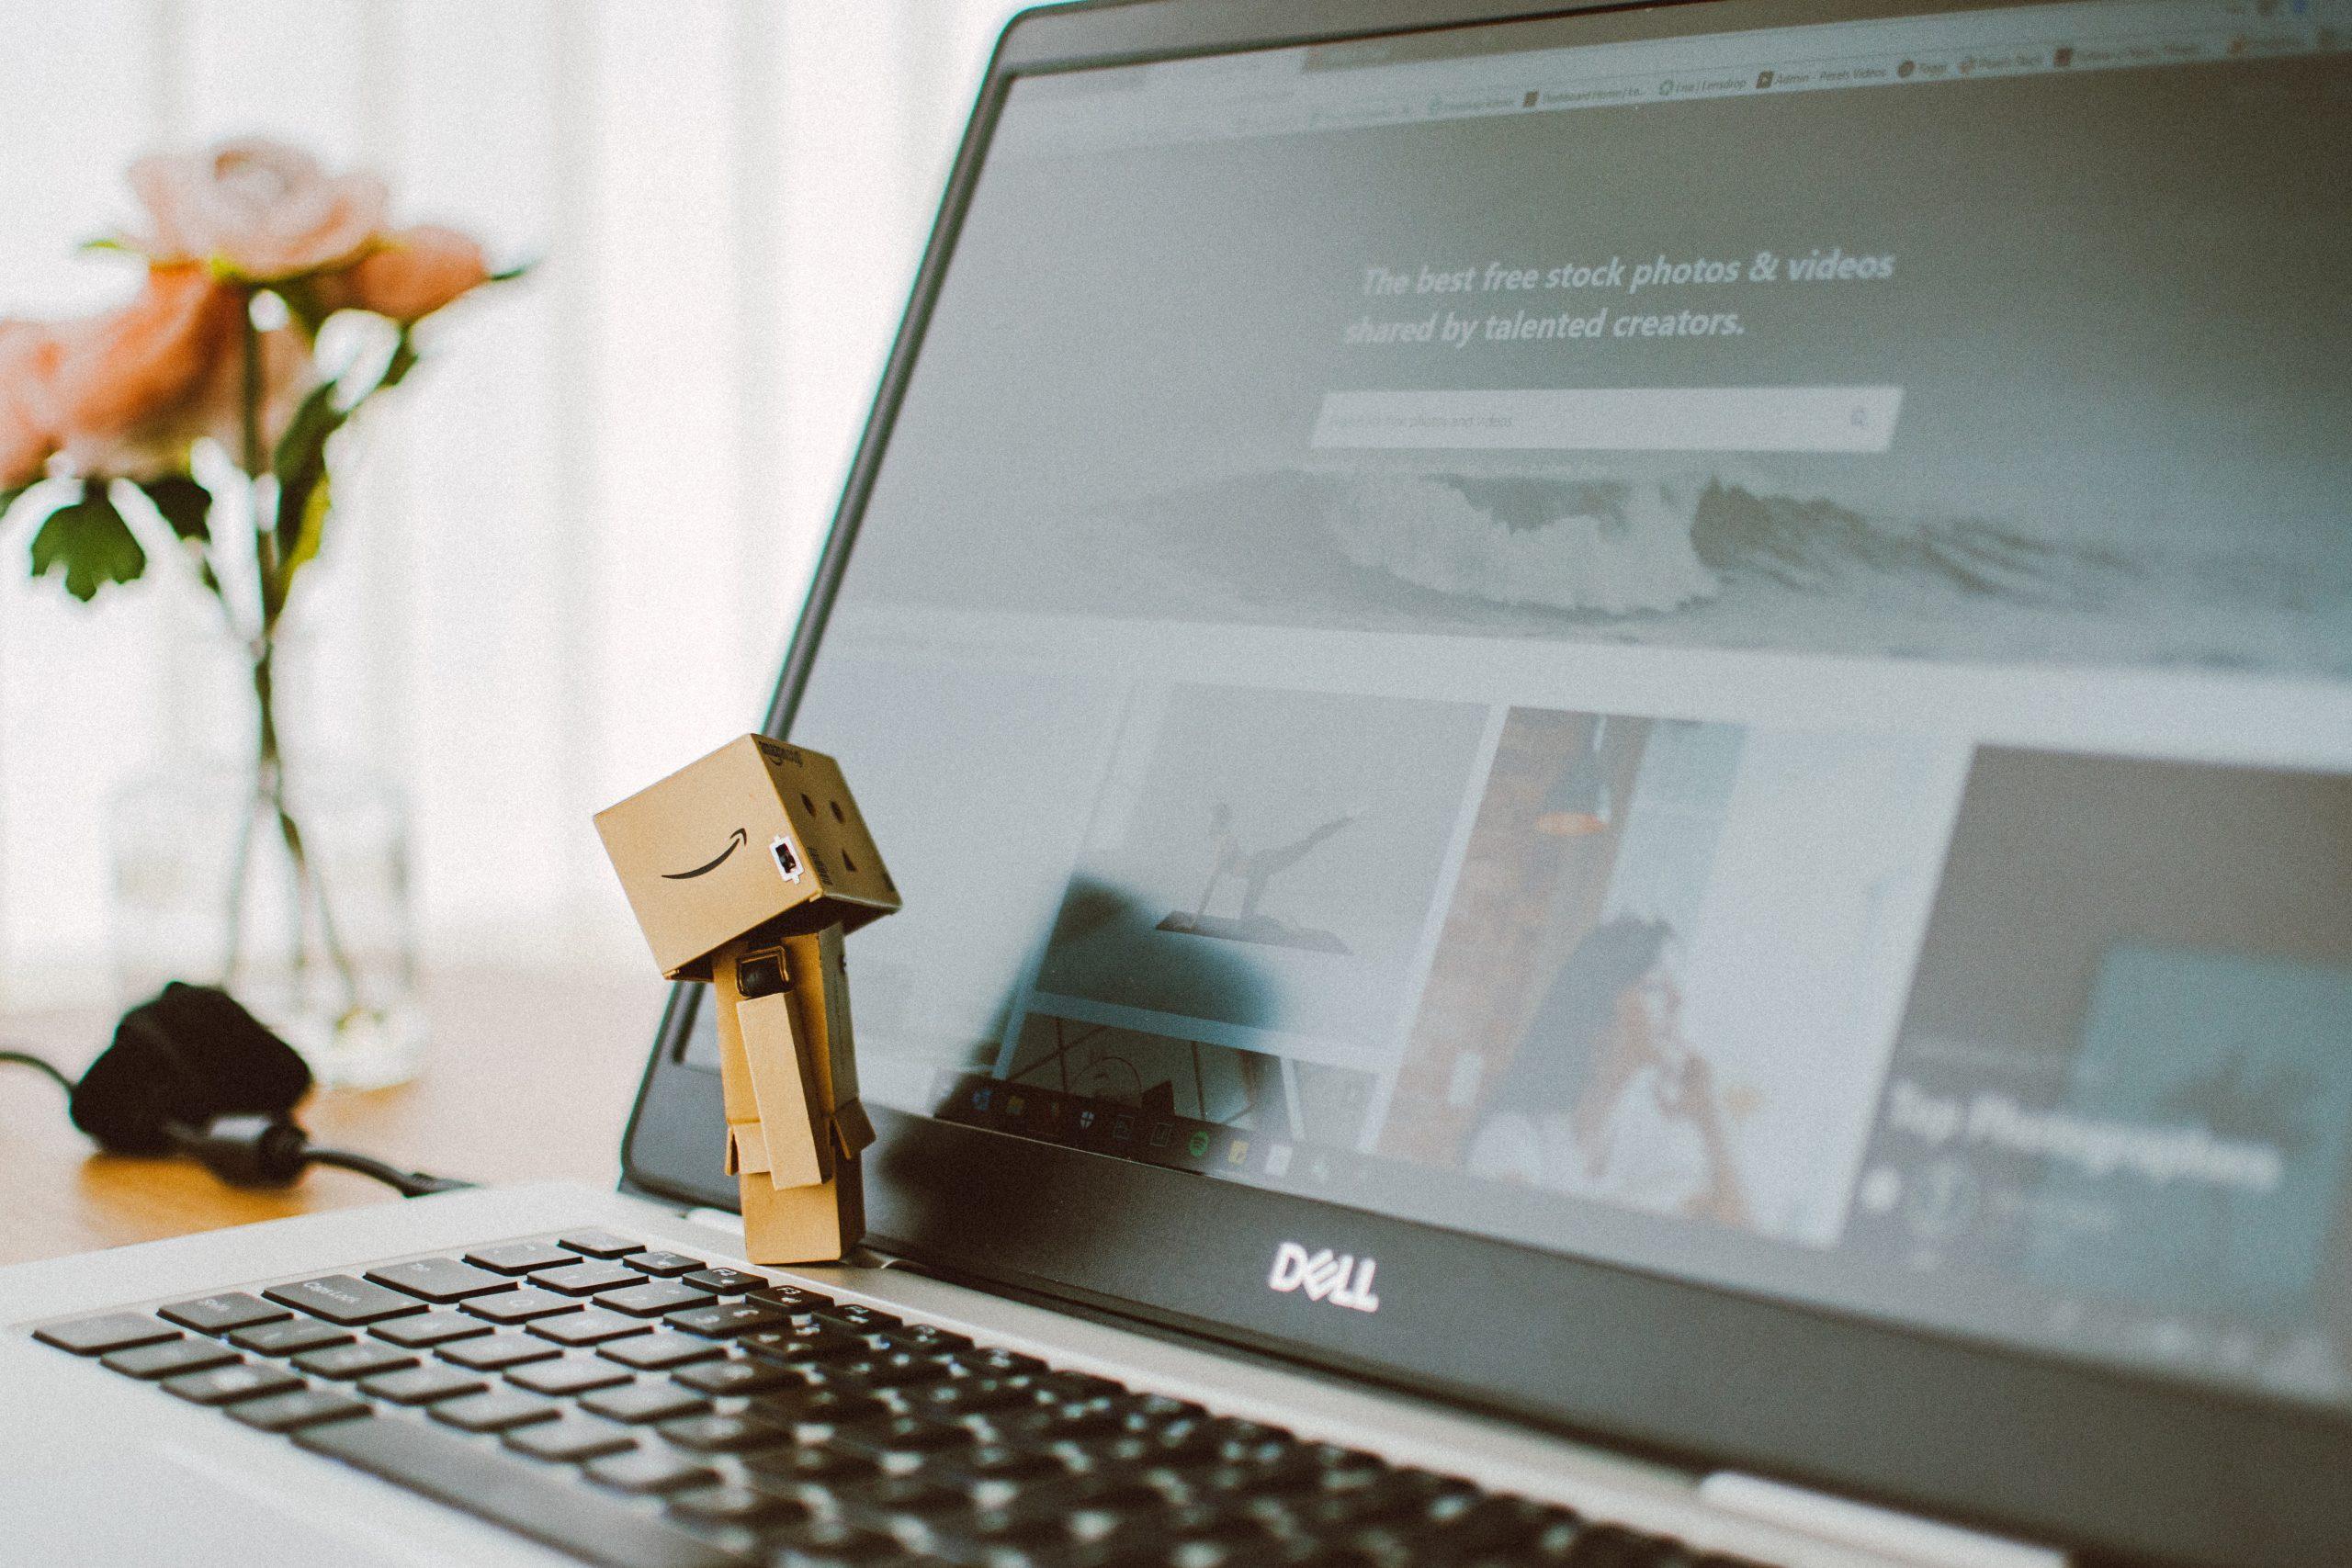 Construire un site d'auteur : guide pour bien débuter